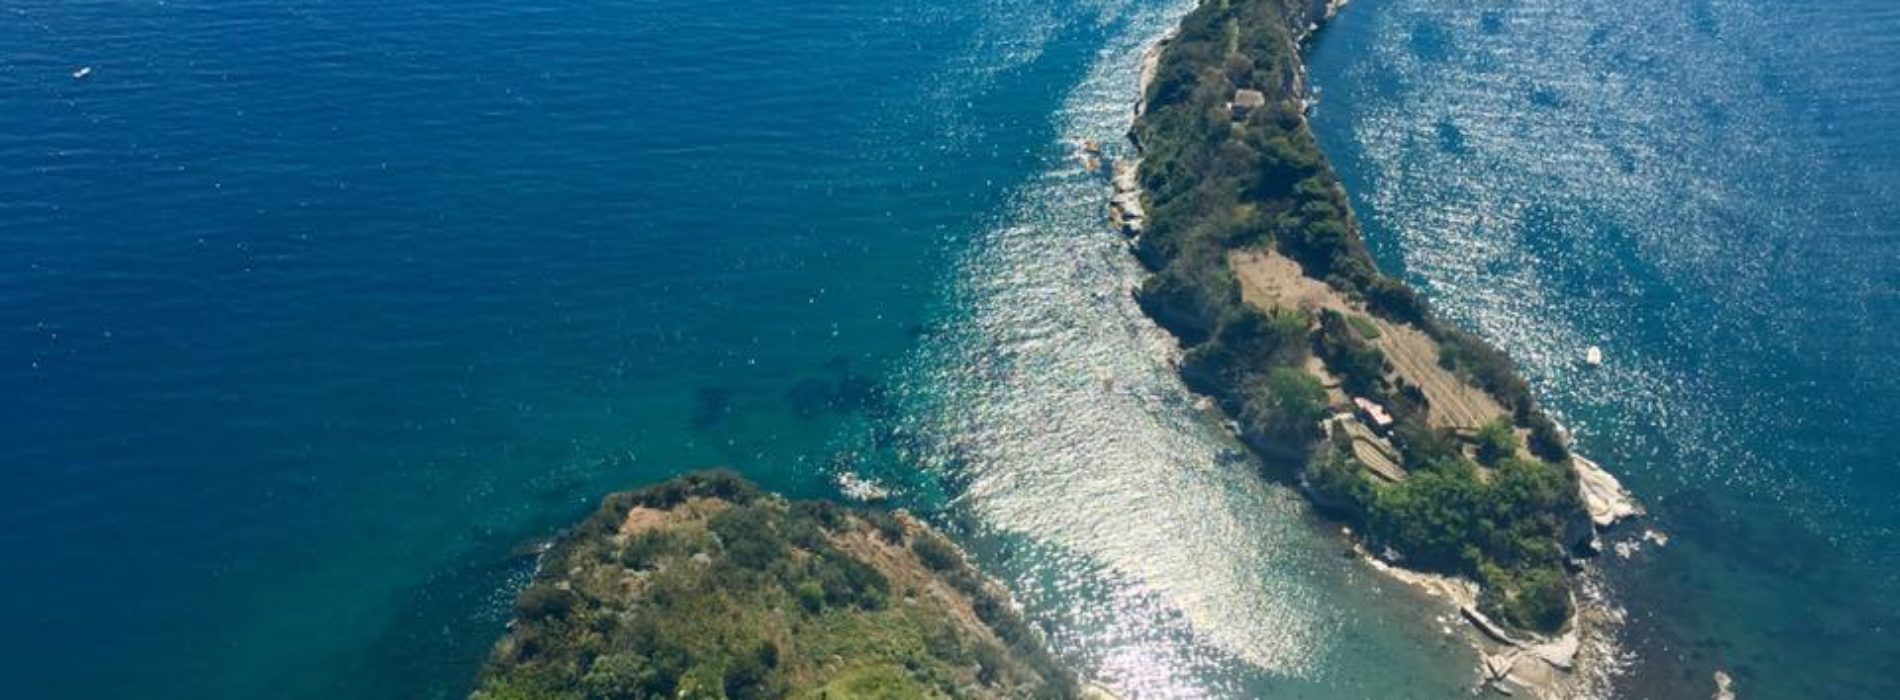 Punta Pennata: isolotto del Comune di Bacoli